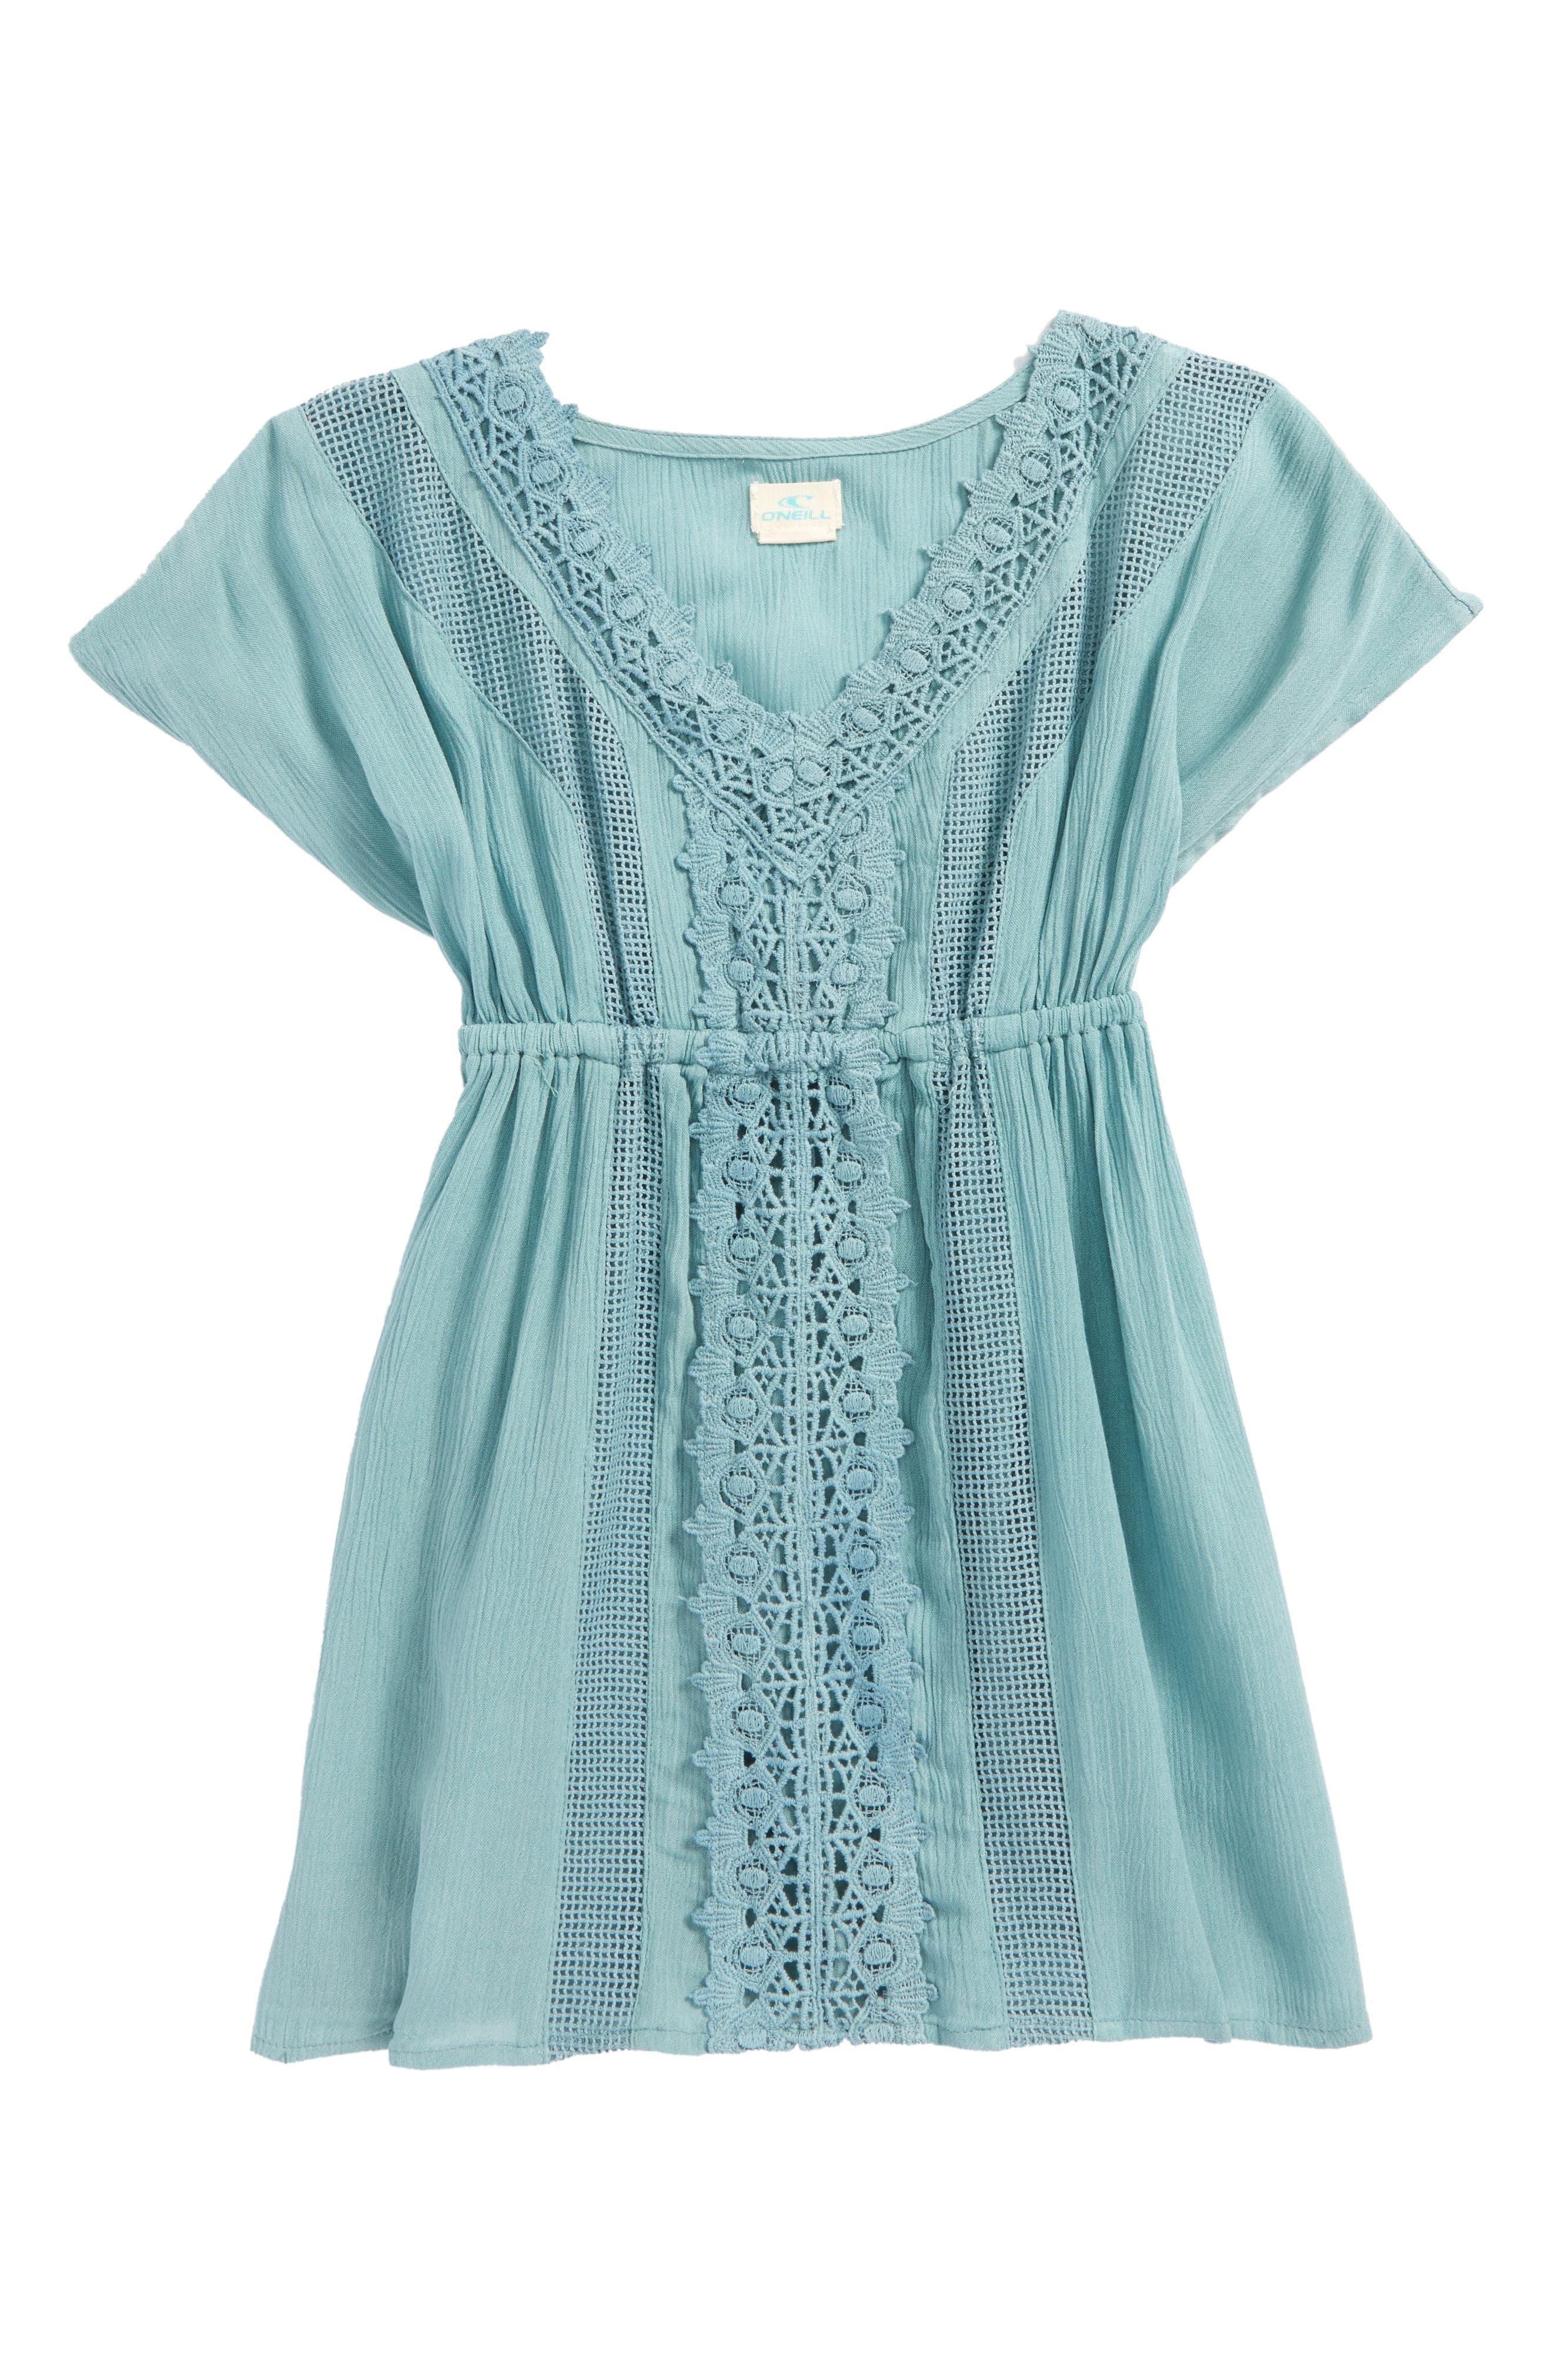 O'Neill Kira Cover-Up Dress (Toddler Girls & Little Girls)